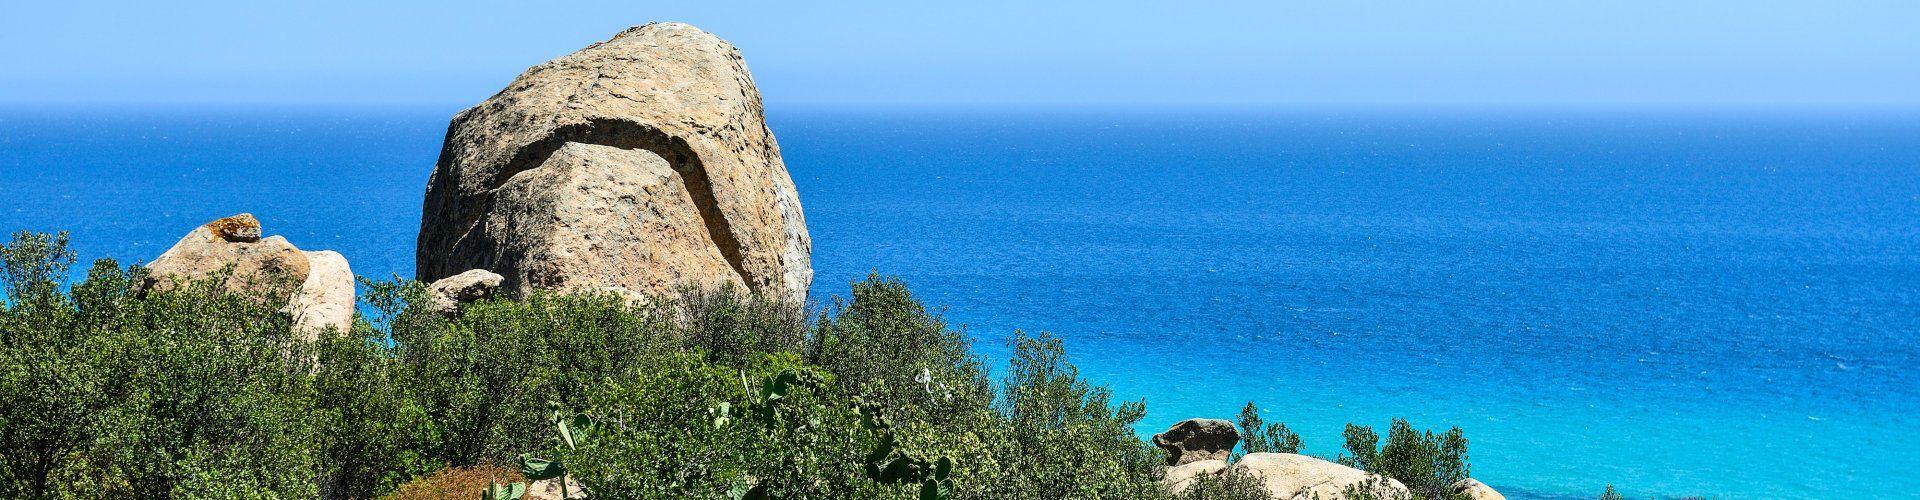 Blick auf das türkise Meer